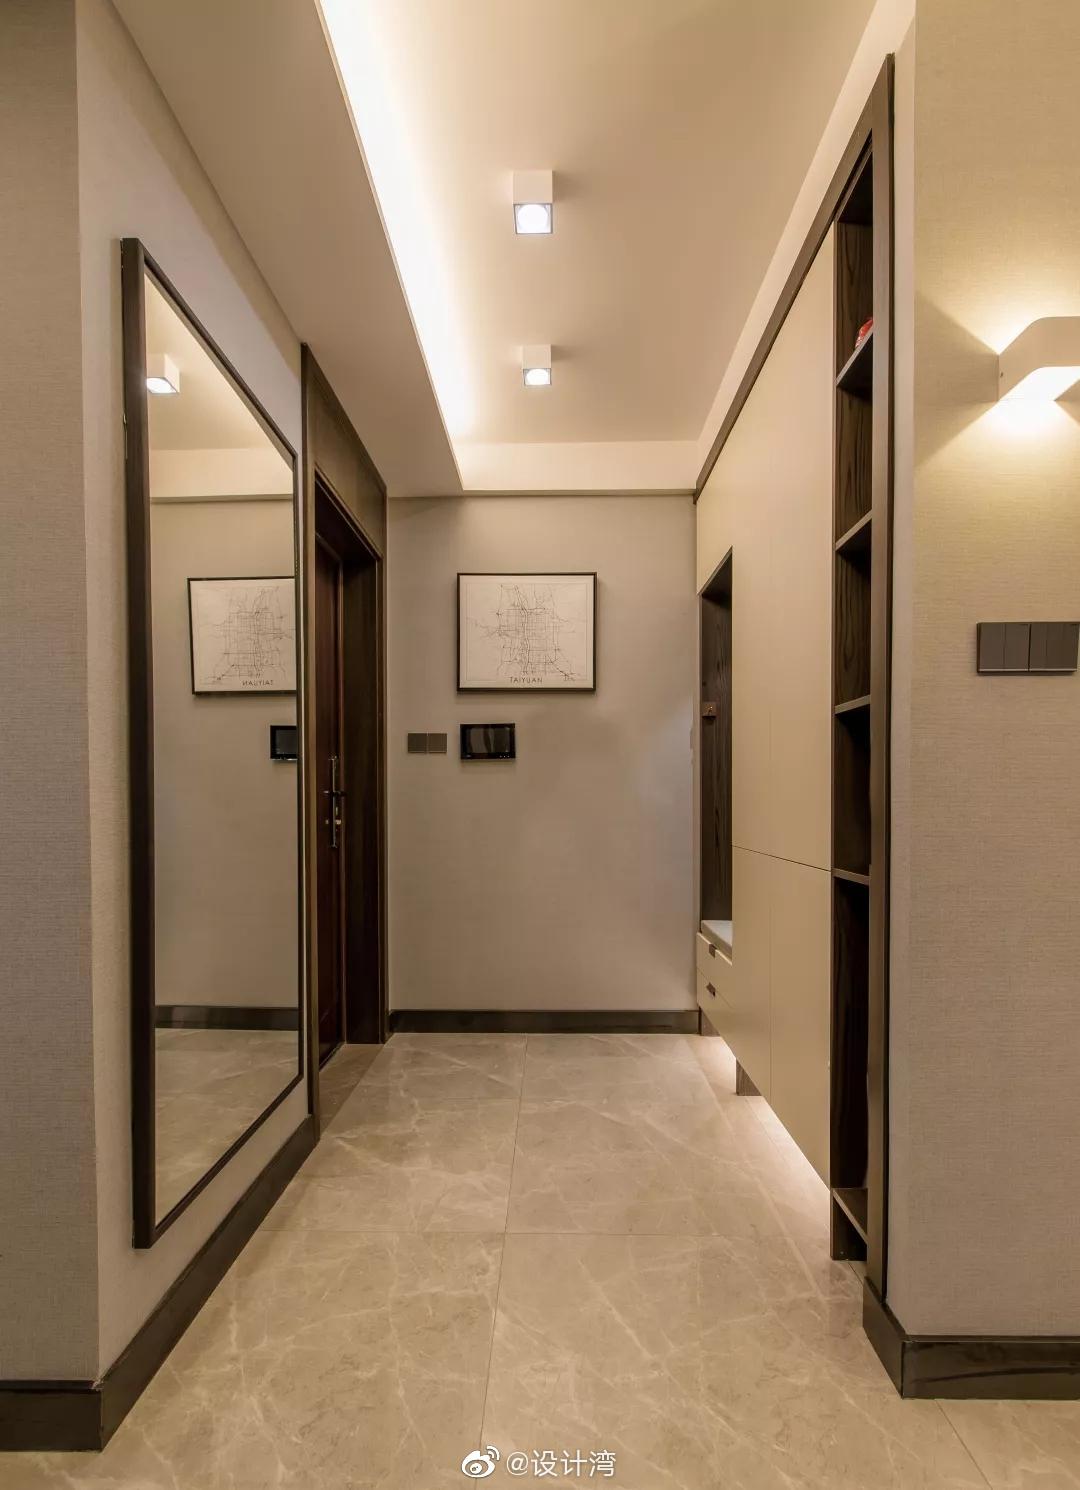 今天分享的是一套建筑面积102平米的现代轻奢风三居室案例